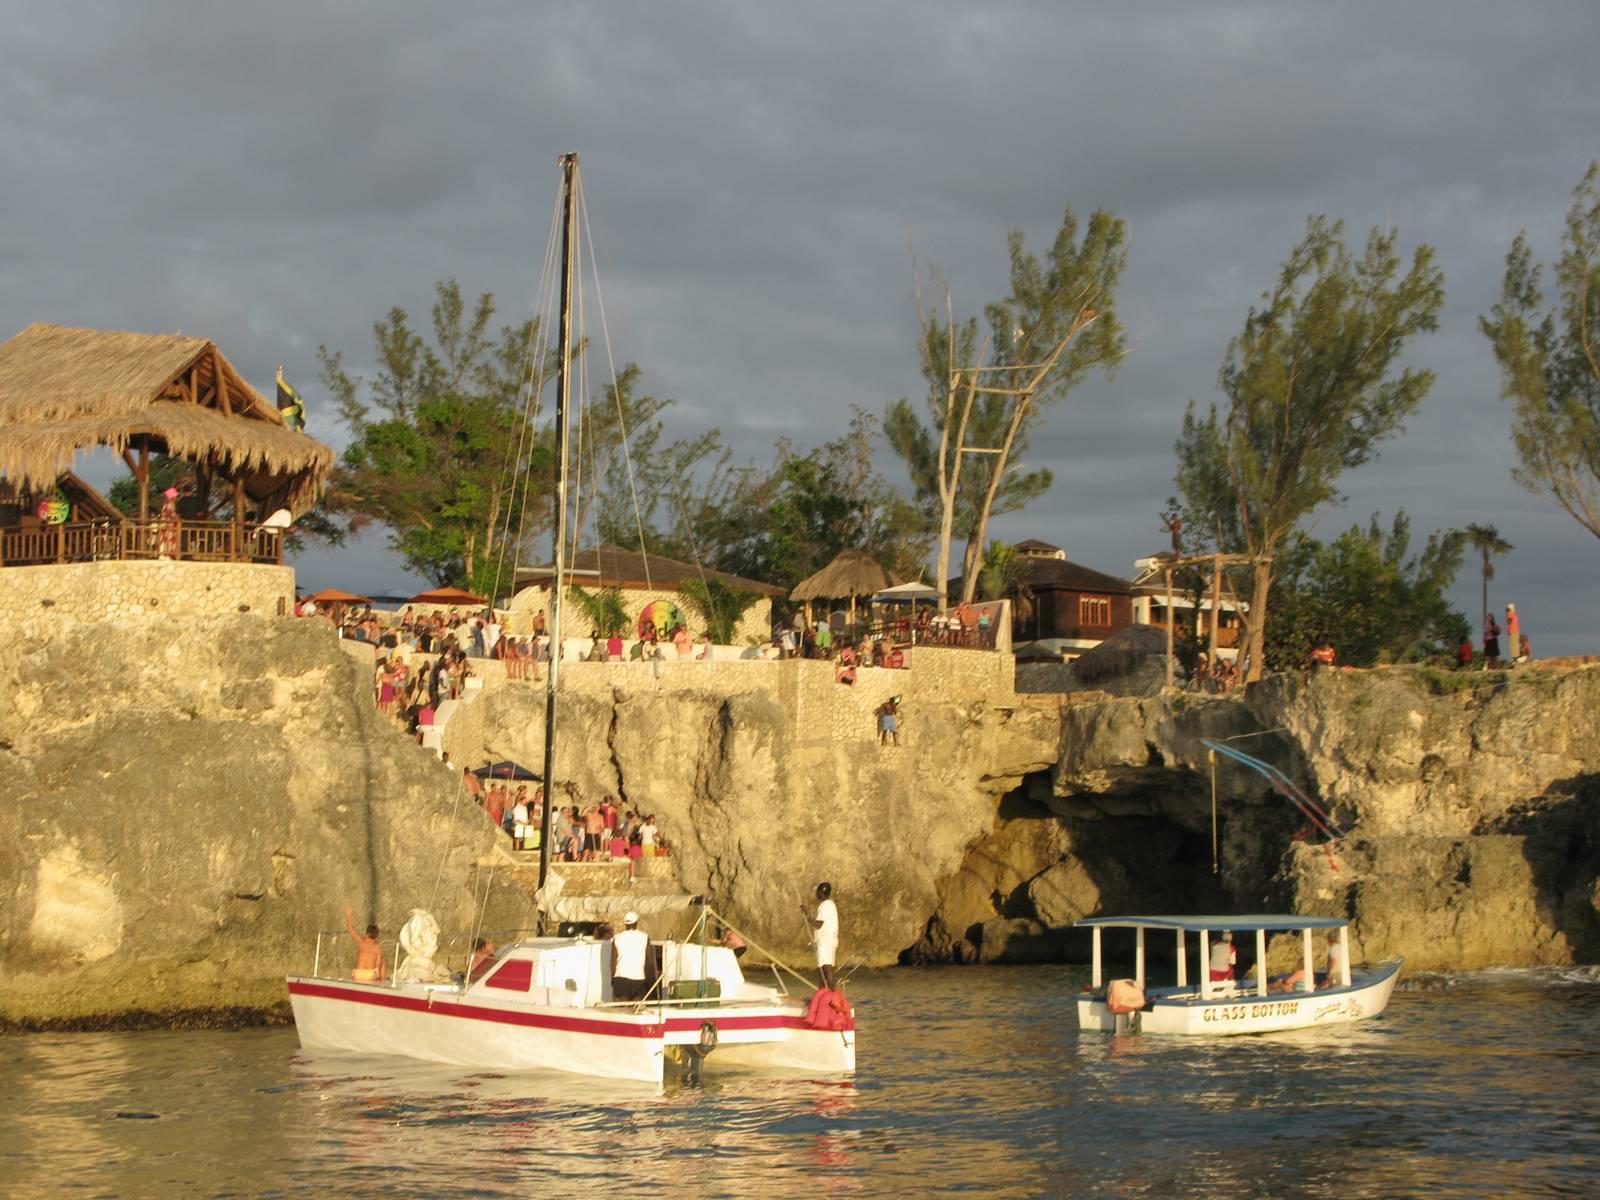 Jamaique Caraibes (22)